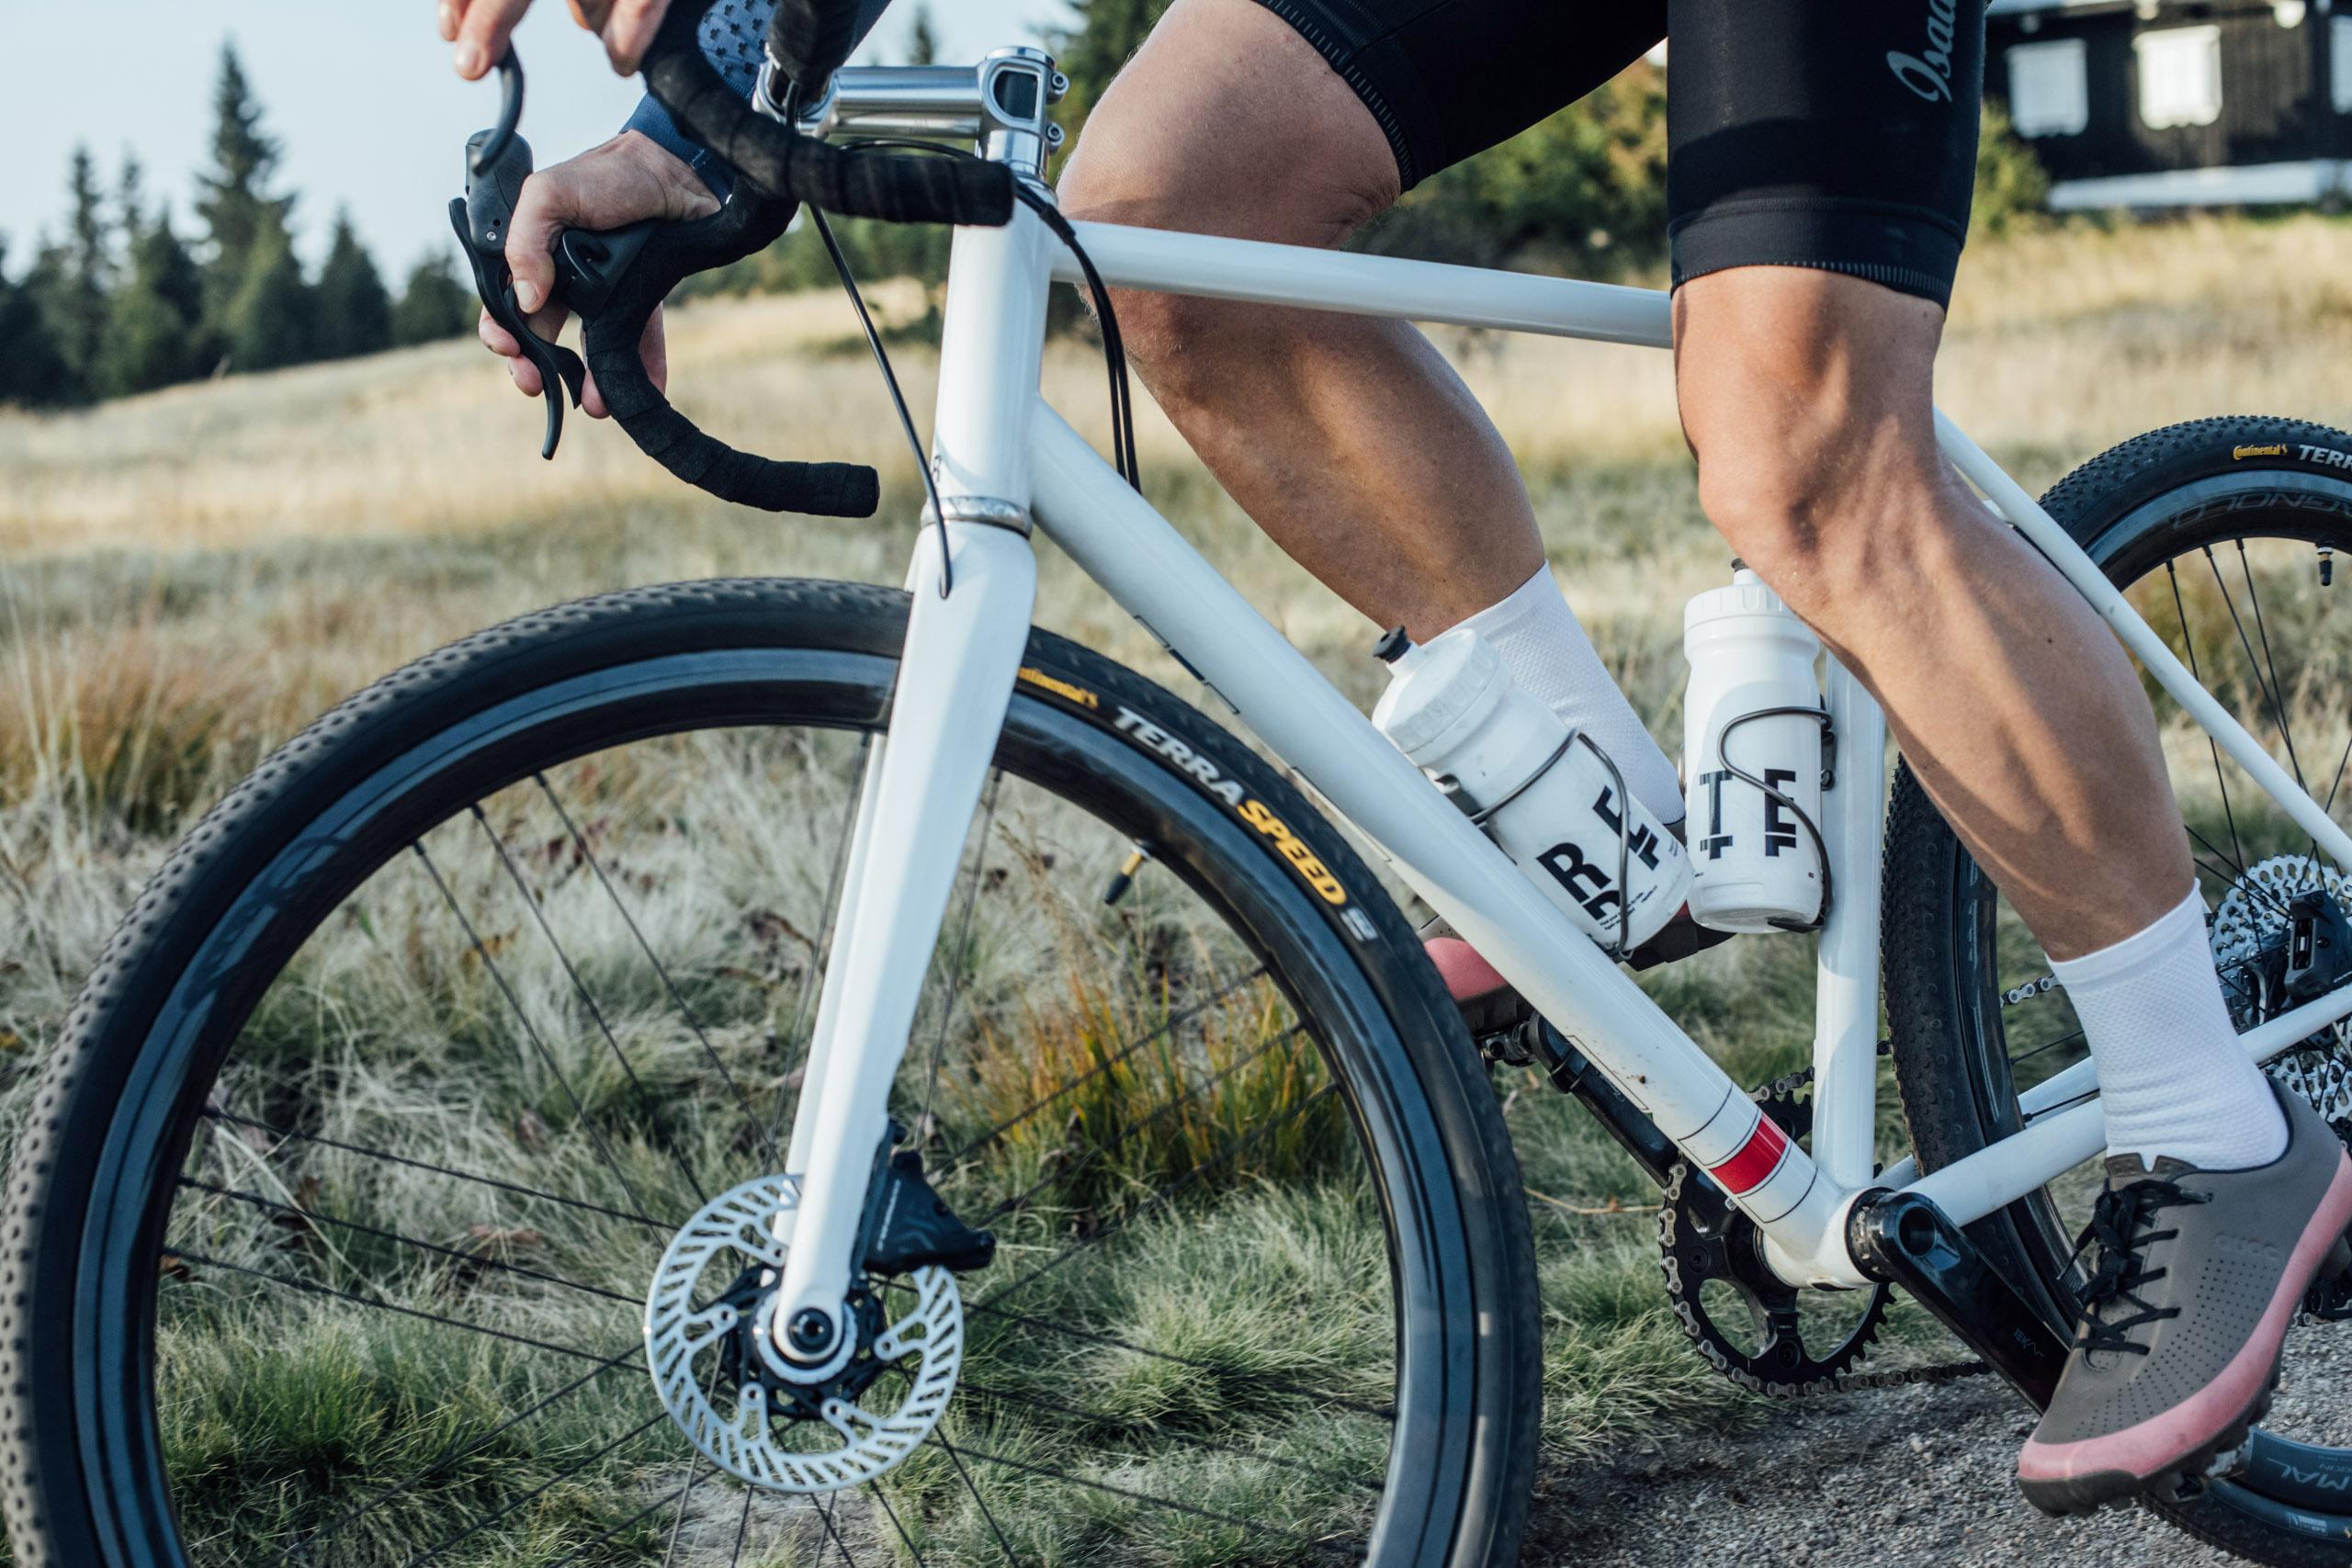 repete_bidon_cycling_gravel_bike4